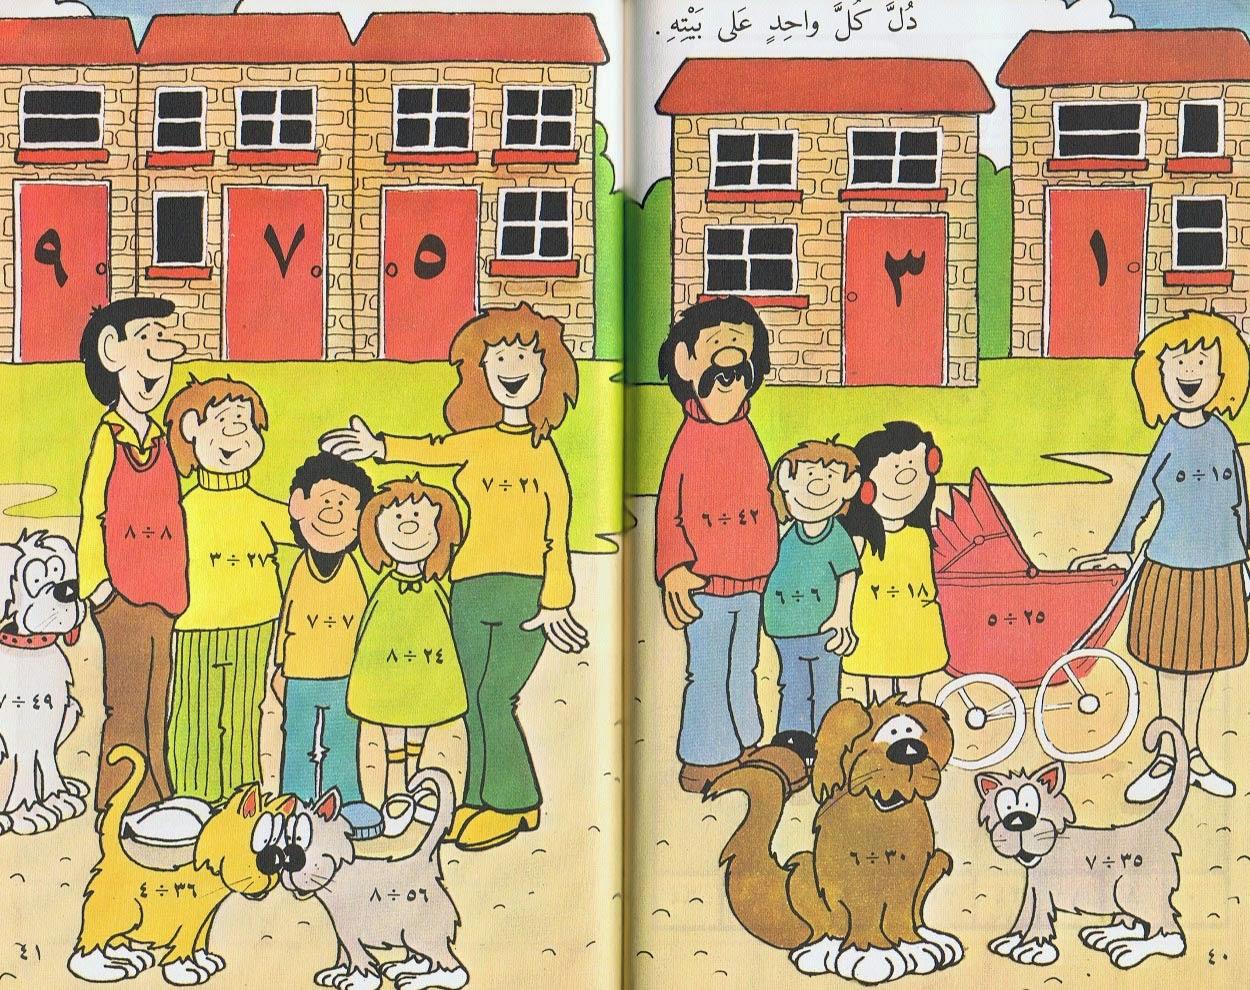 كتاب تعليم القسمة لأطفال الصف الثالث بالألوان الطبيعية 2015 CCI05062012_00050.jp